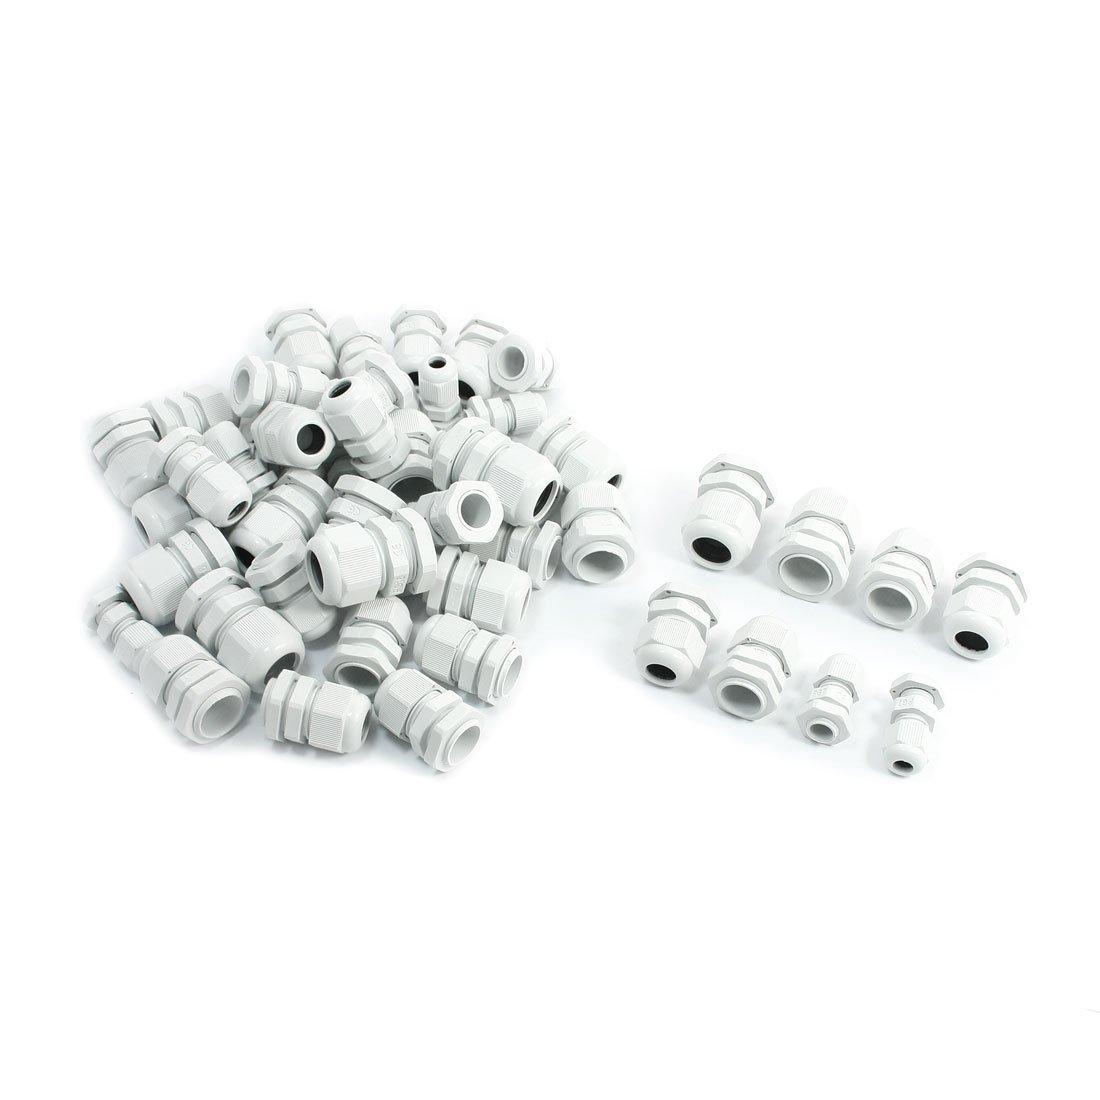 Lot de 50 raccords de câ ble é tanches Gamme PG7-PG16 3, 5-6 mm/10-14 mm Gris 5-6mm/10-14mm Gris Sourcingmap a14032600ux0479